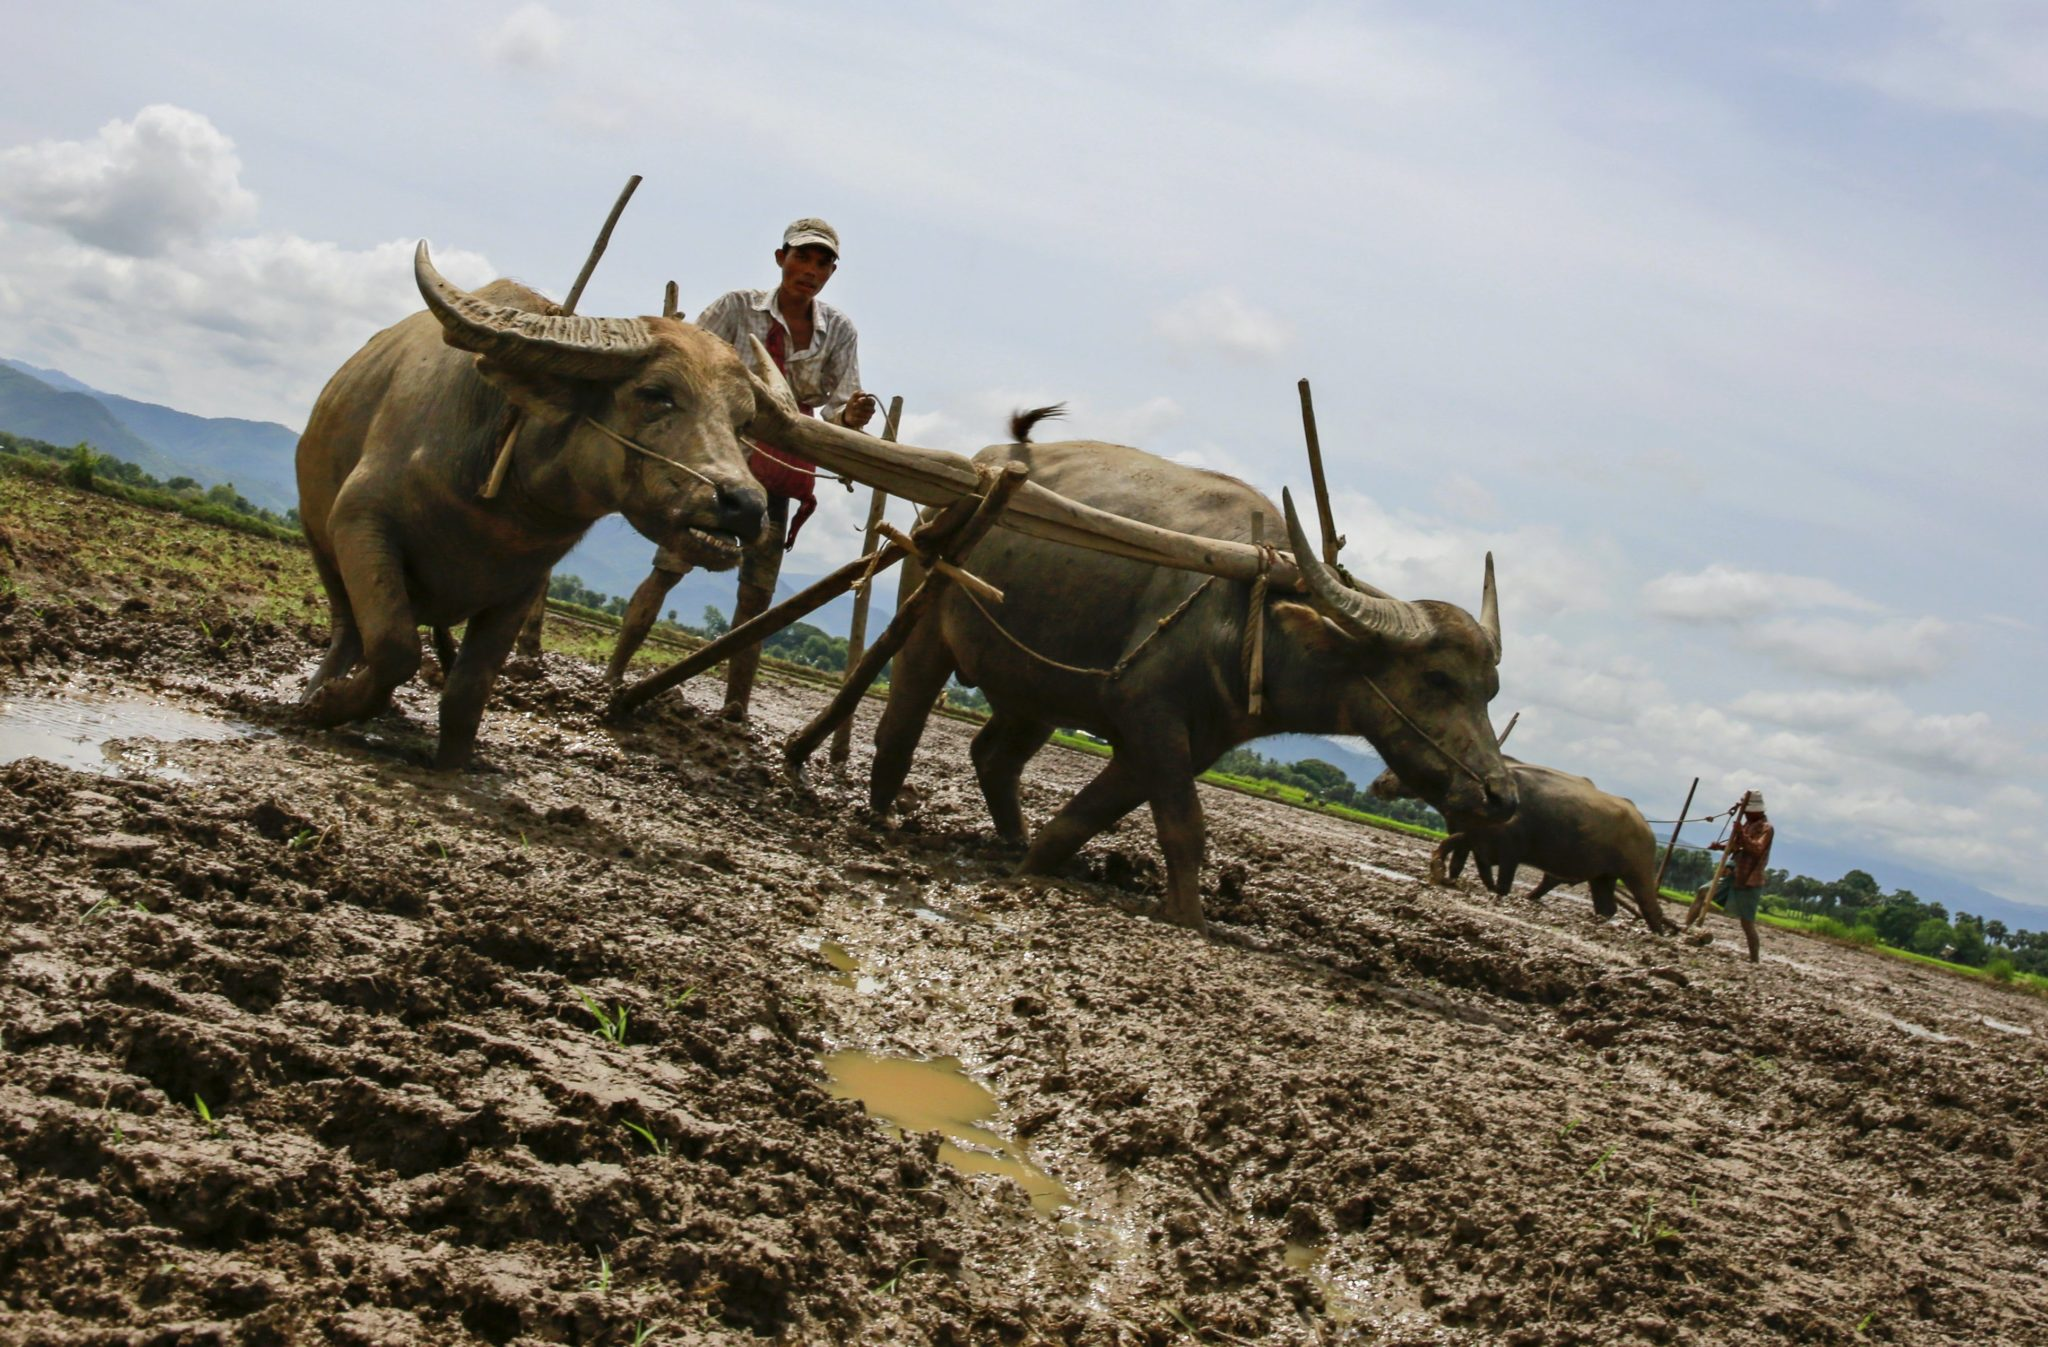 Prace rolnicze w Mjanmie, dawnej Birmie